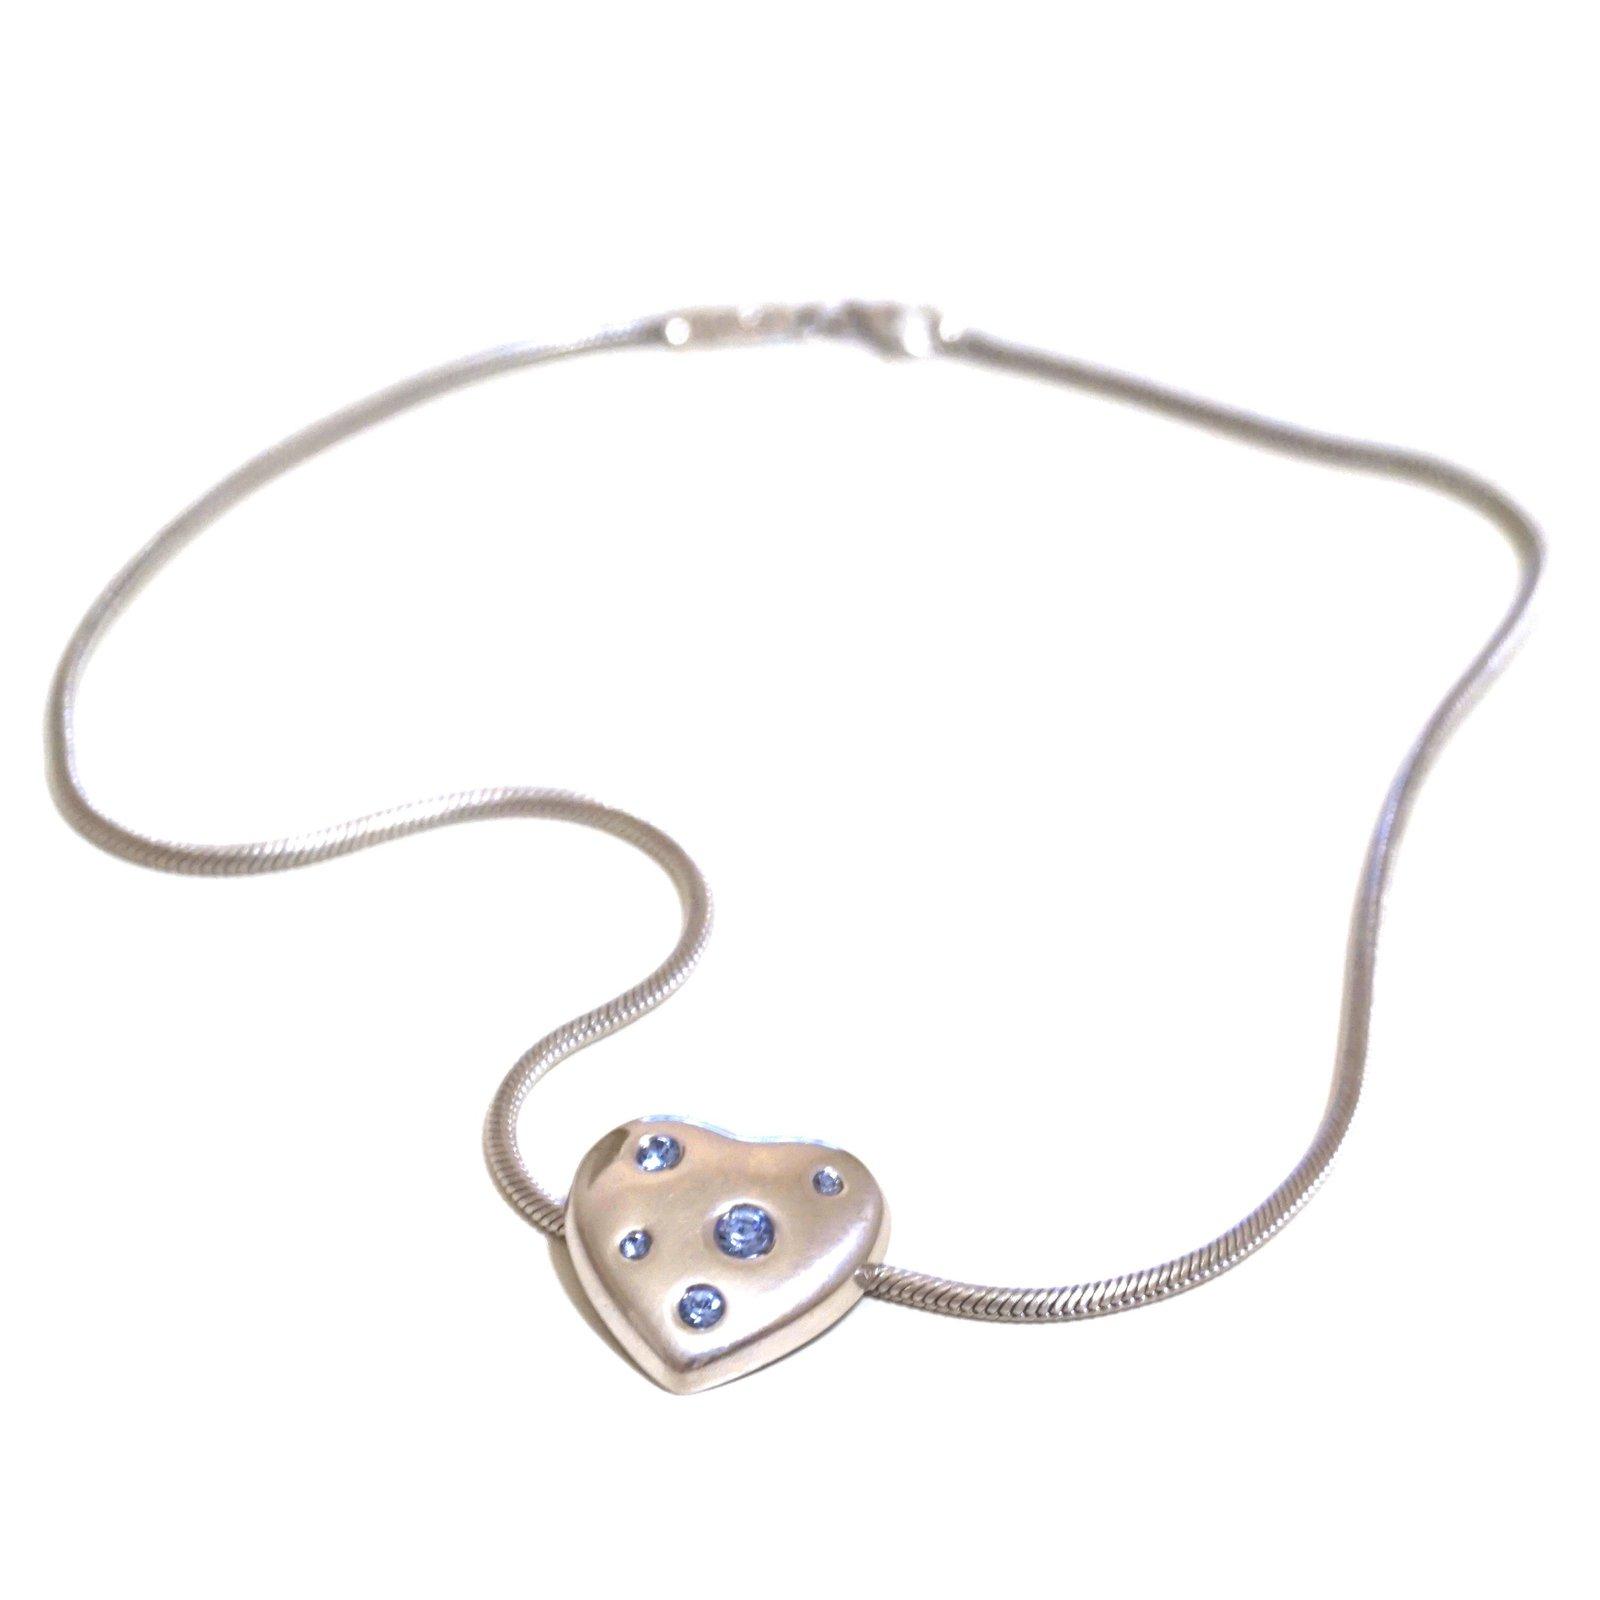 241459bf99 Necklaces